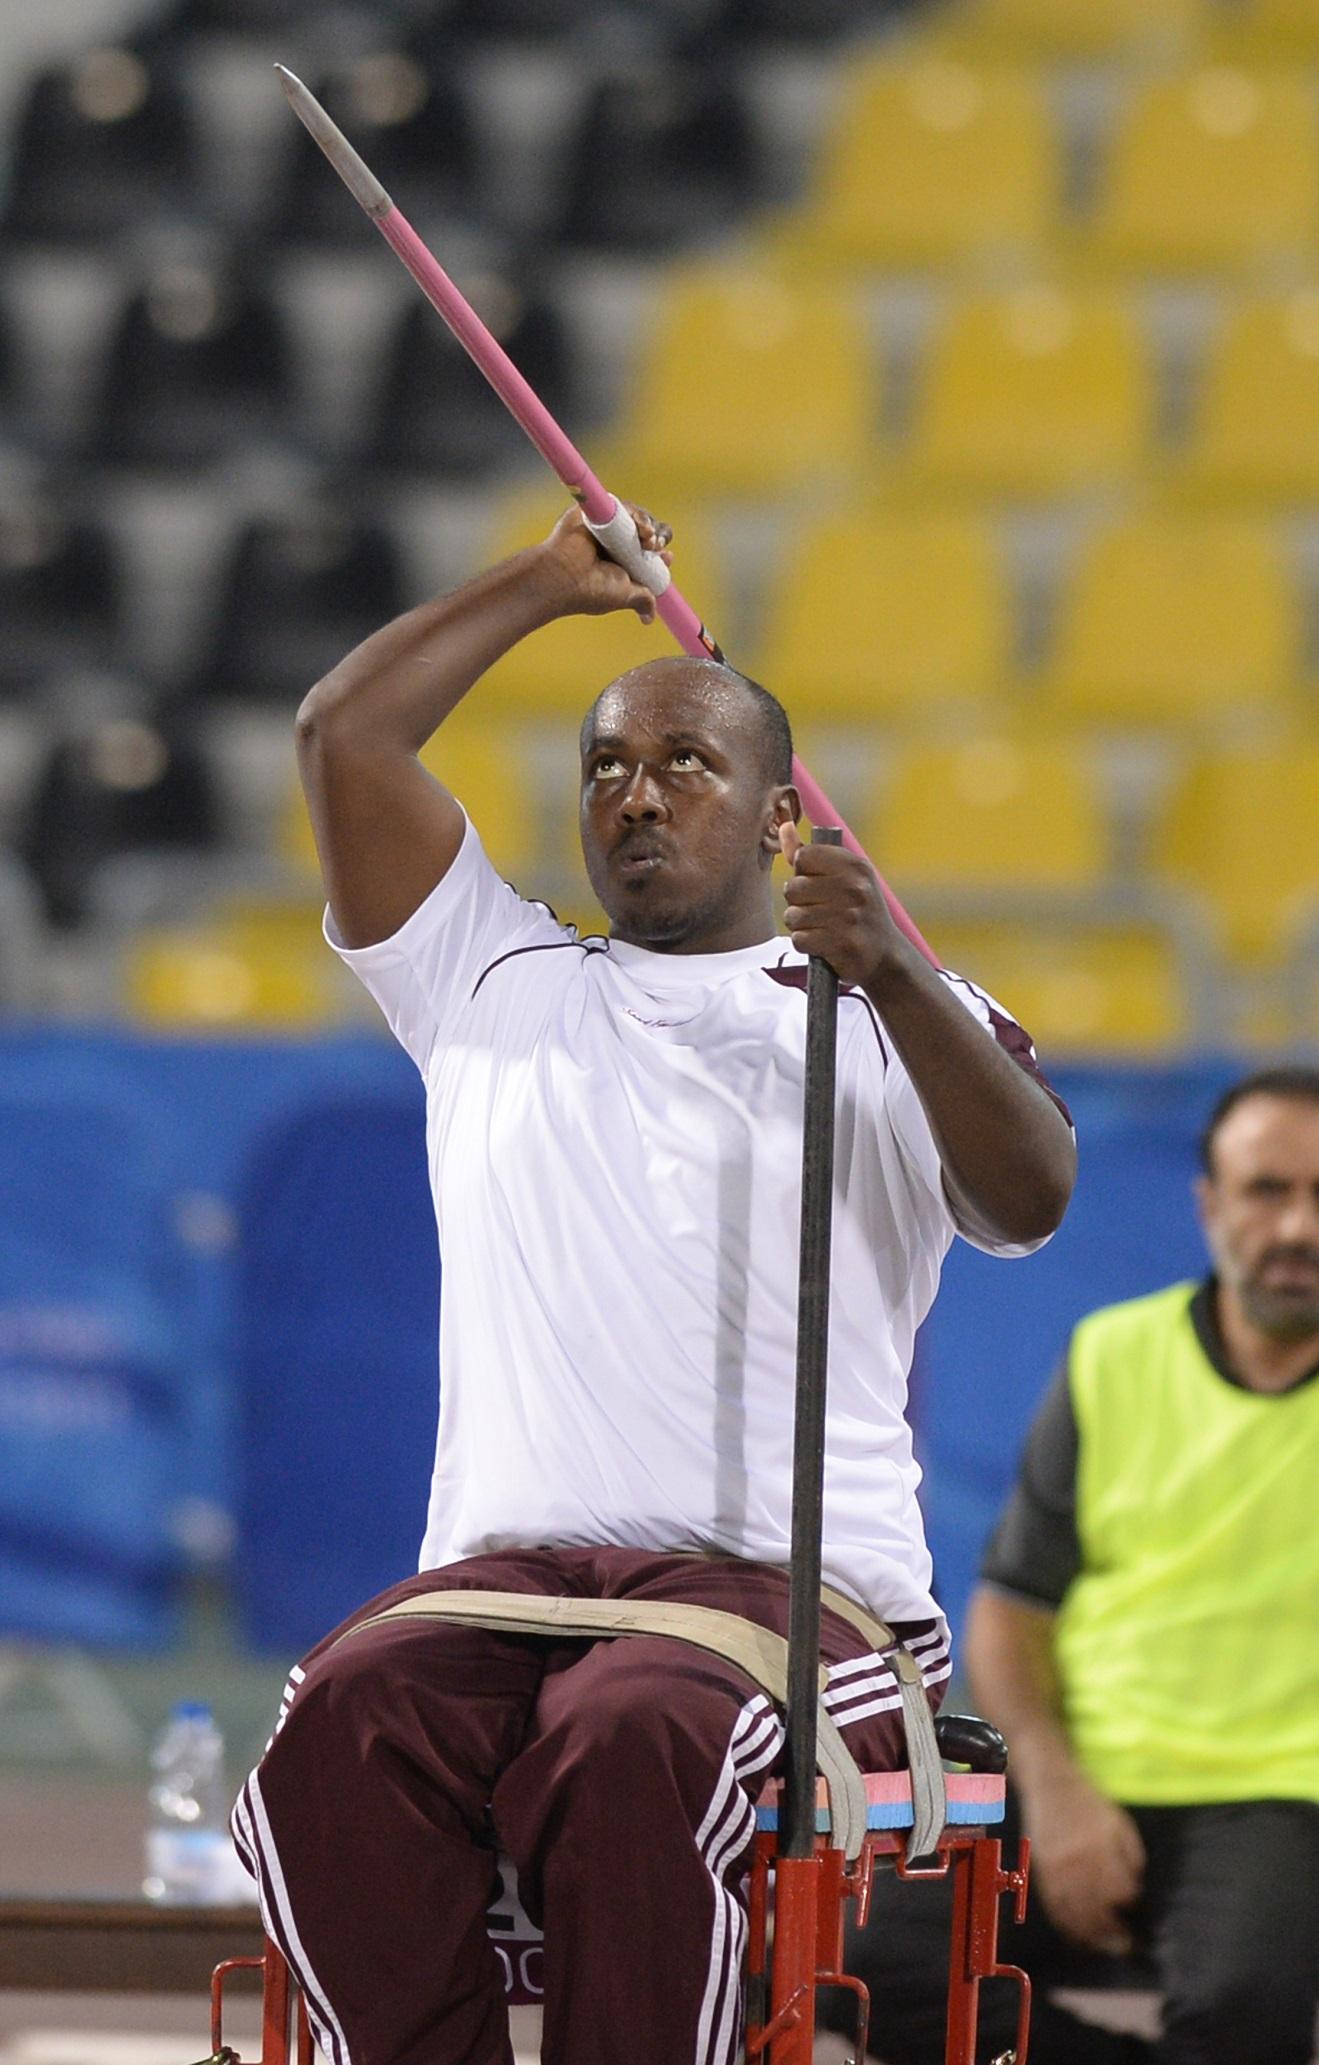 أبطال منطقة غرب آسيا في باراليمبيك ريو 2016 قطـــر